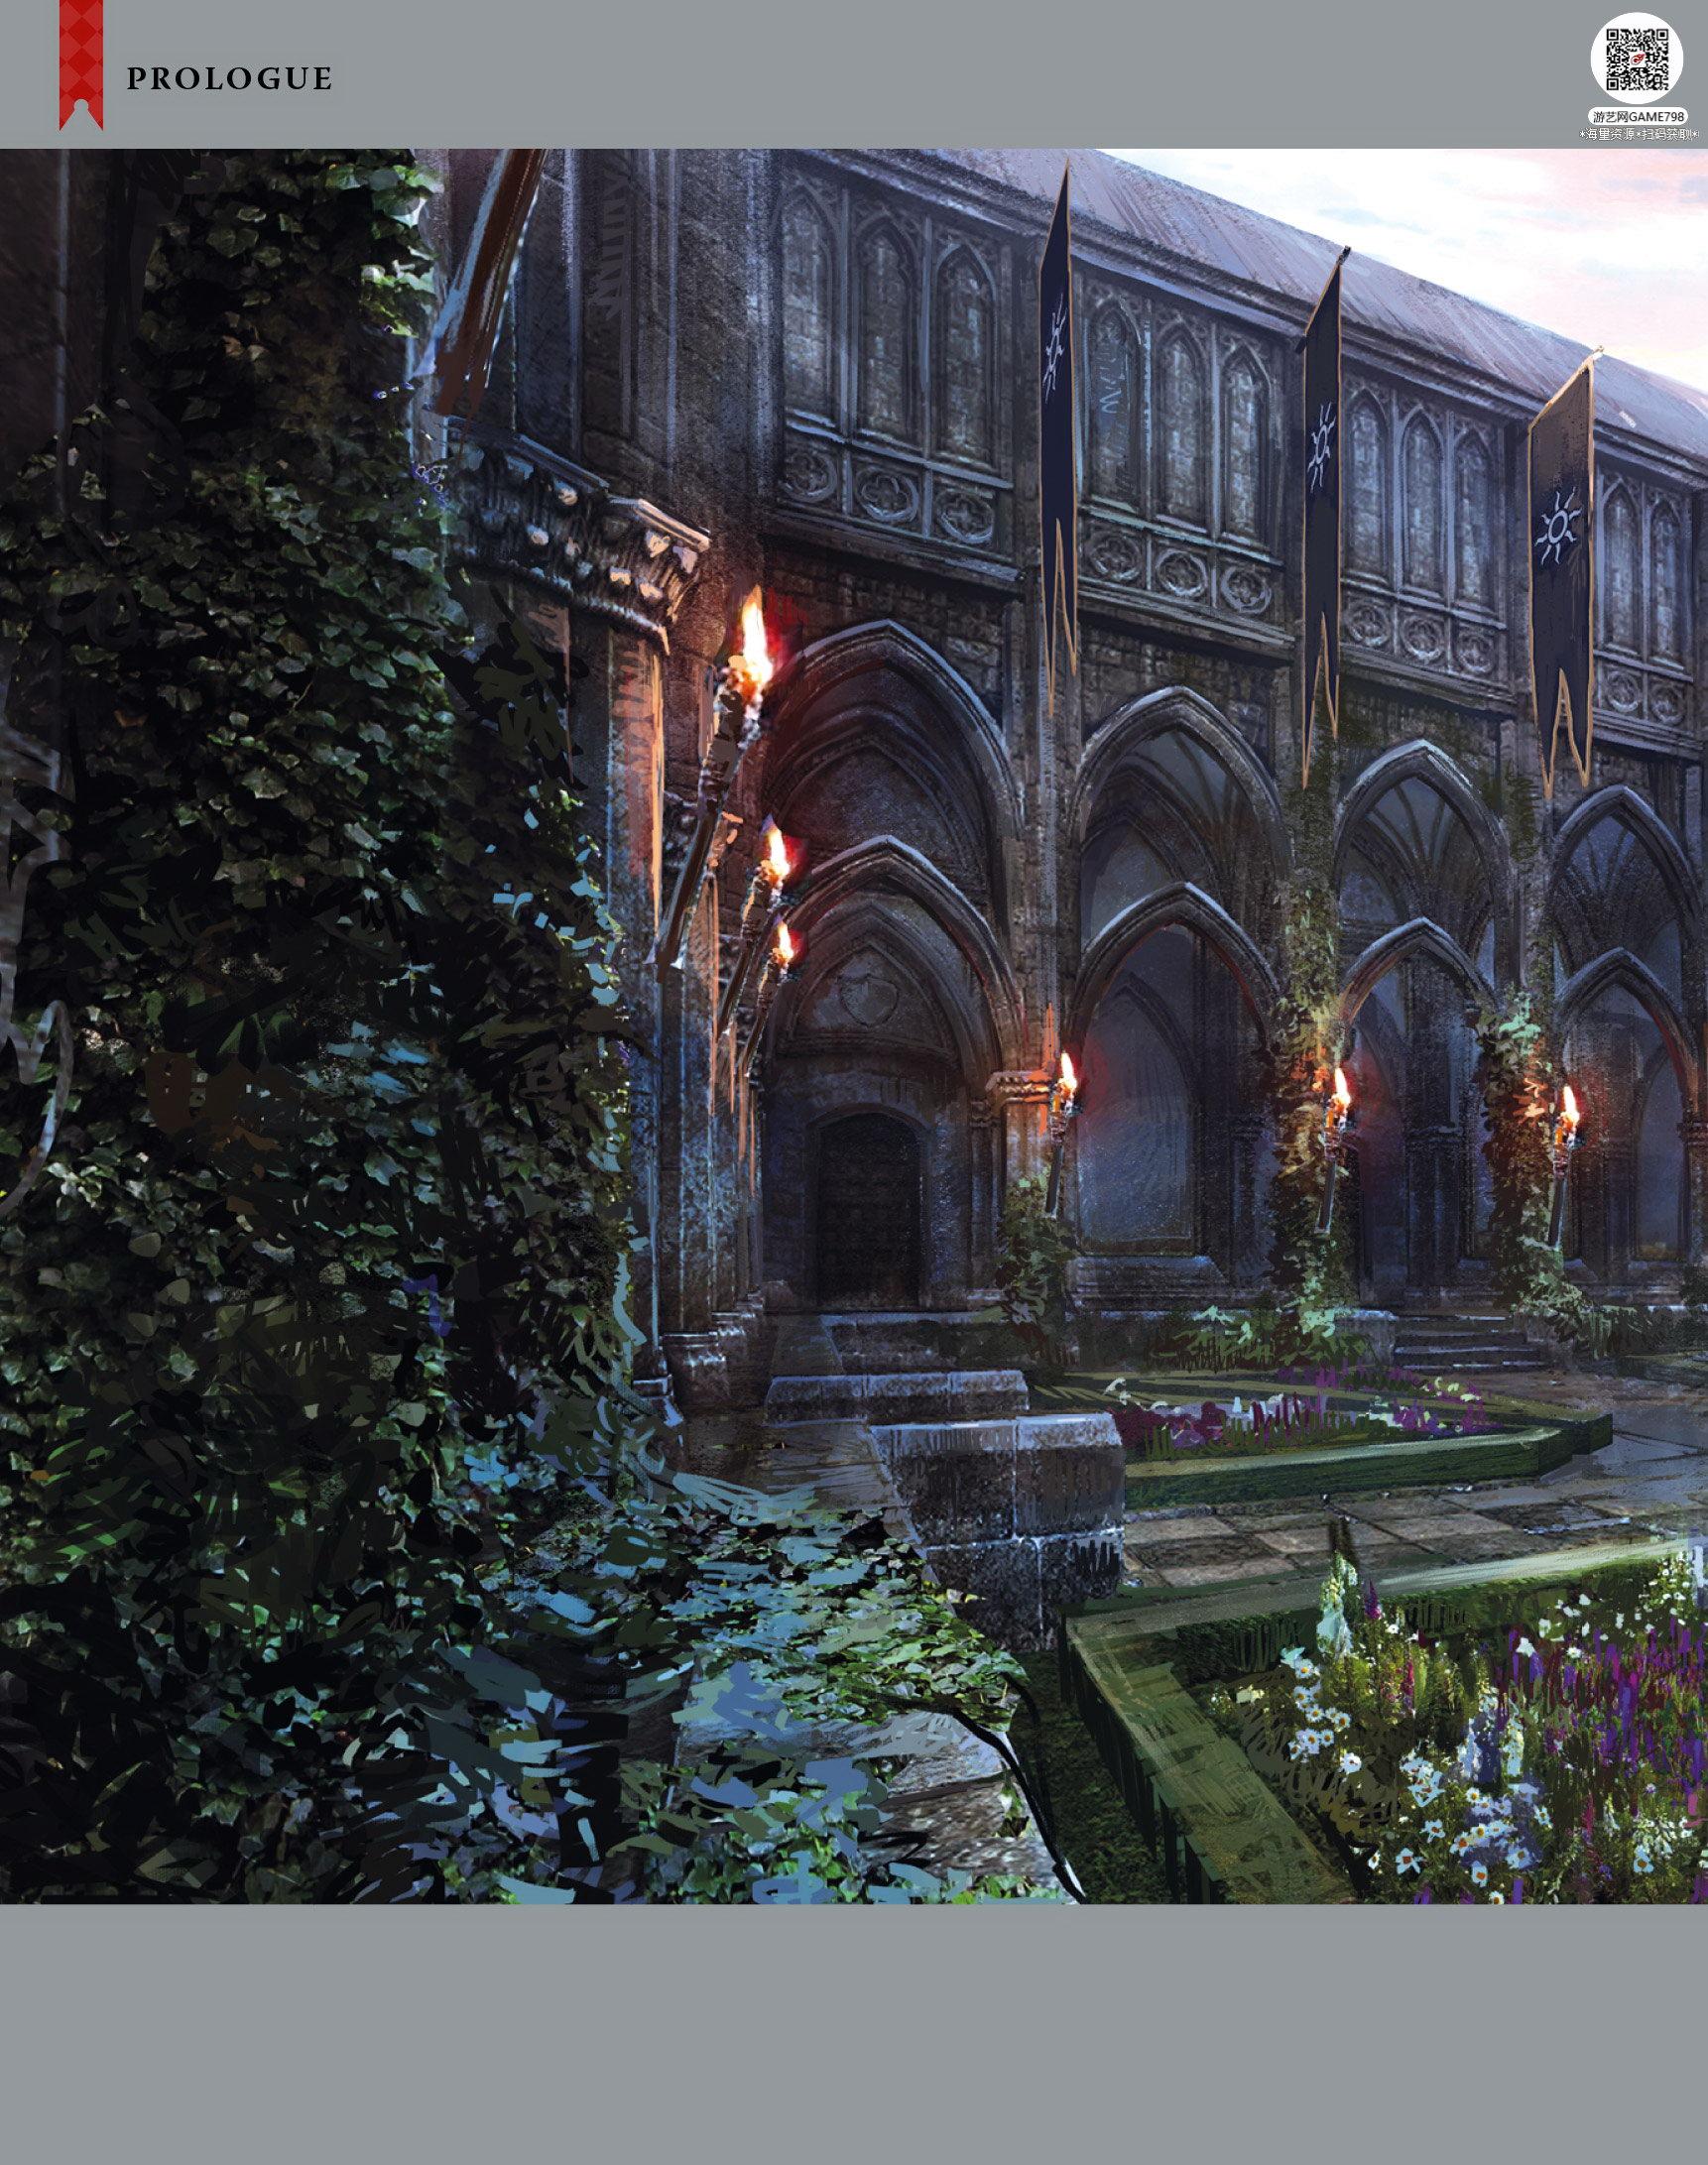 013_关注游艺网公众号获海量资源_次世代游戏巫师3(Witcher)官方原画概念设定.jpg